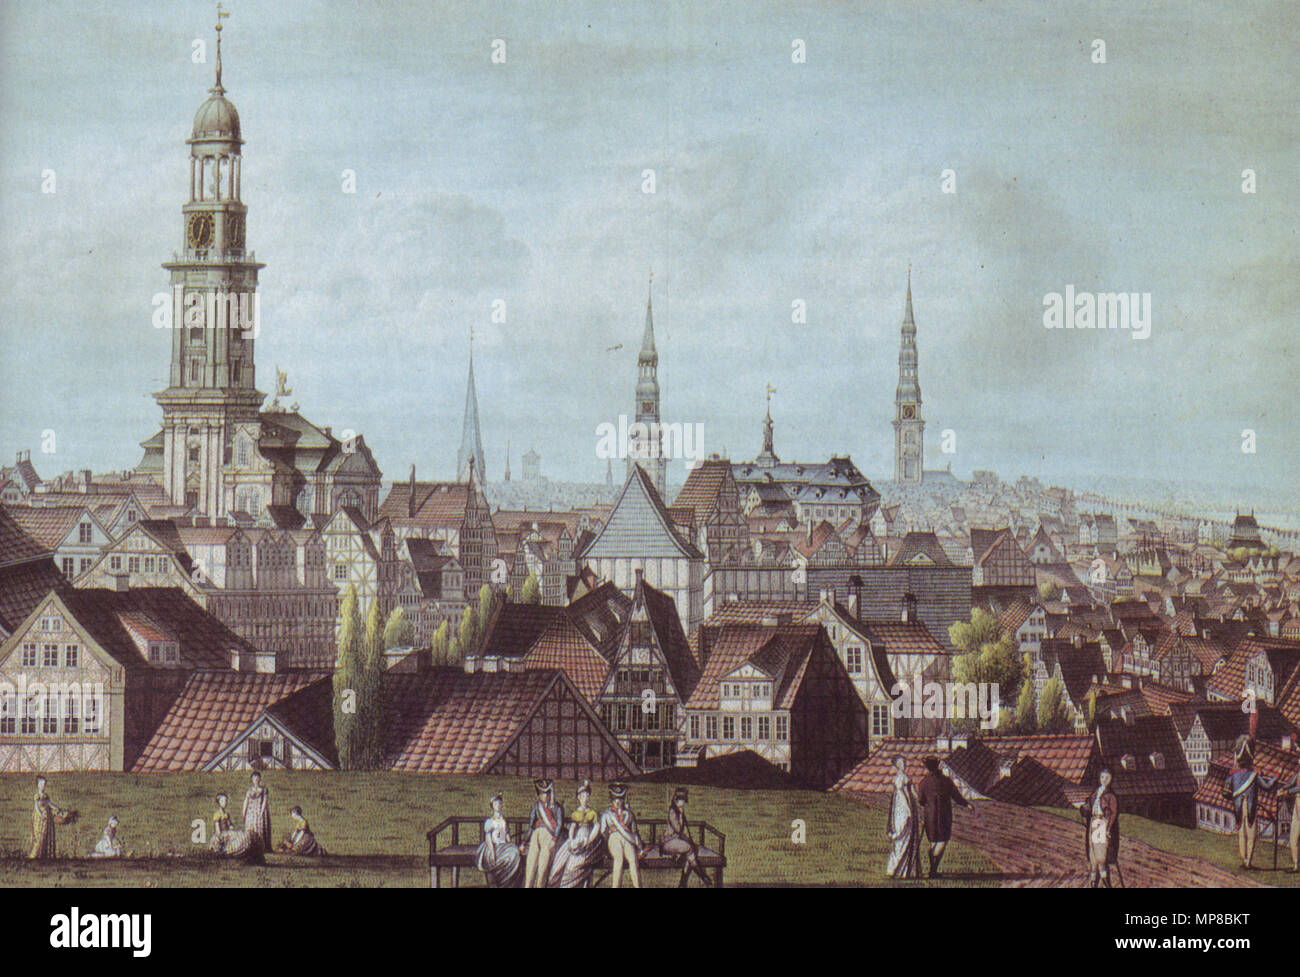 Prospekt Der Kaiserlich Franzosischen Stadt Hamburg This Is A